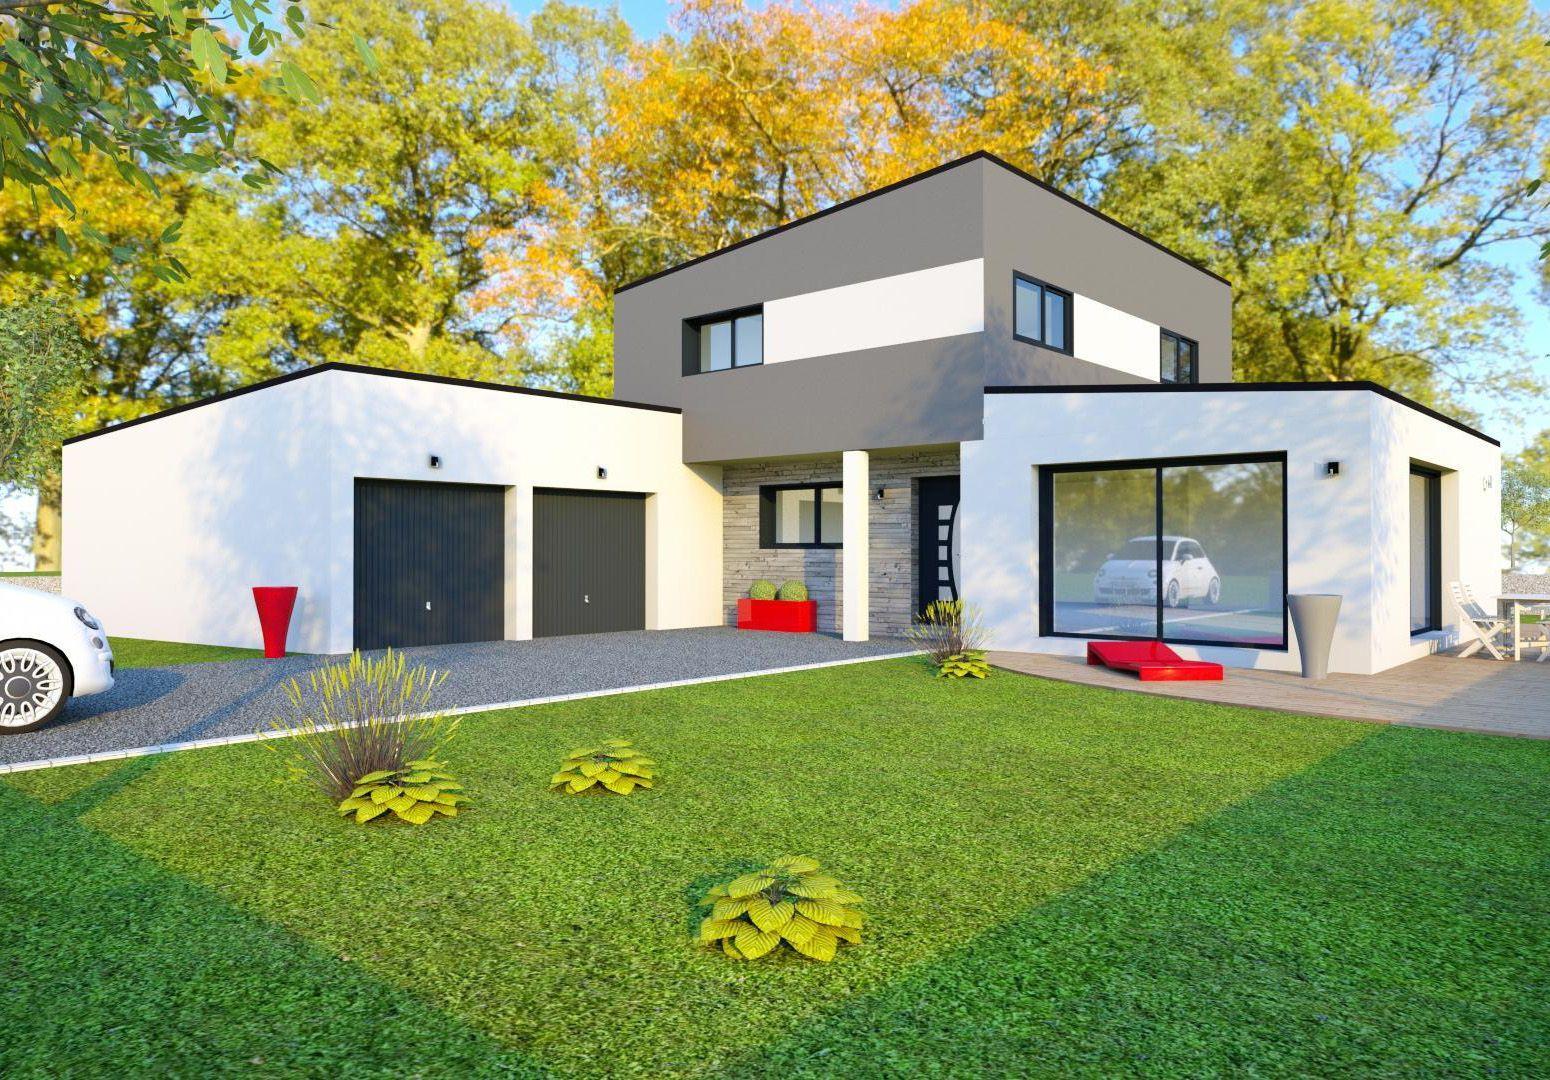 Image du modèle de maison ERQUY 5CH 165